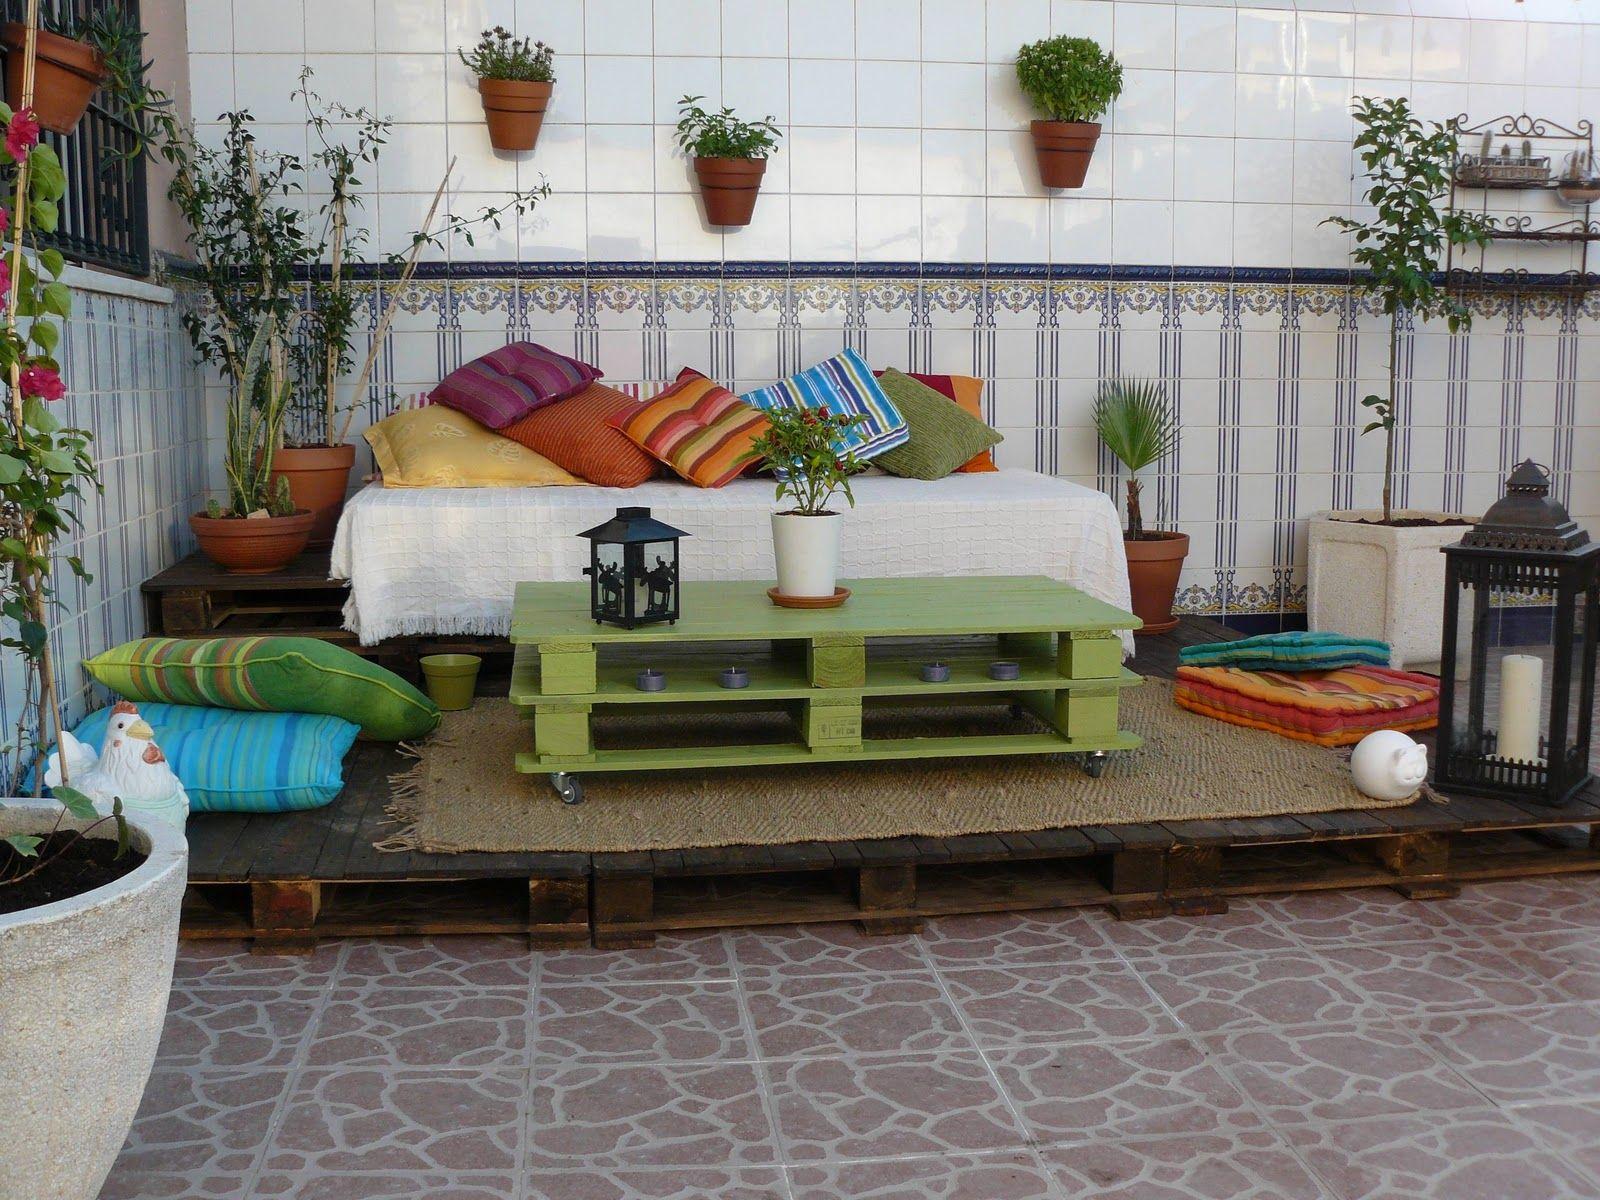 decorablog consejos y trucos de decoracin ideas y nuevas tendencias para decorar el hogar